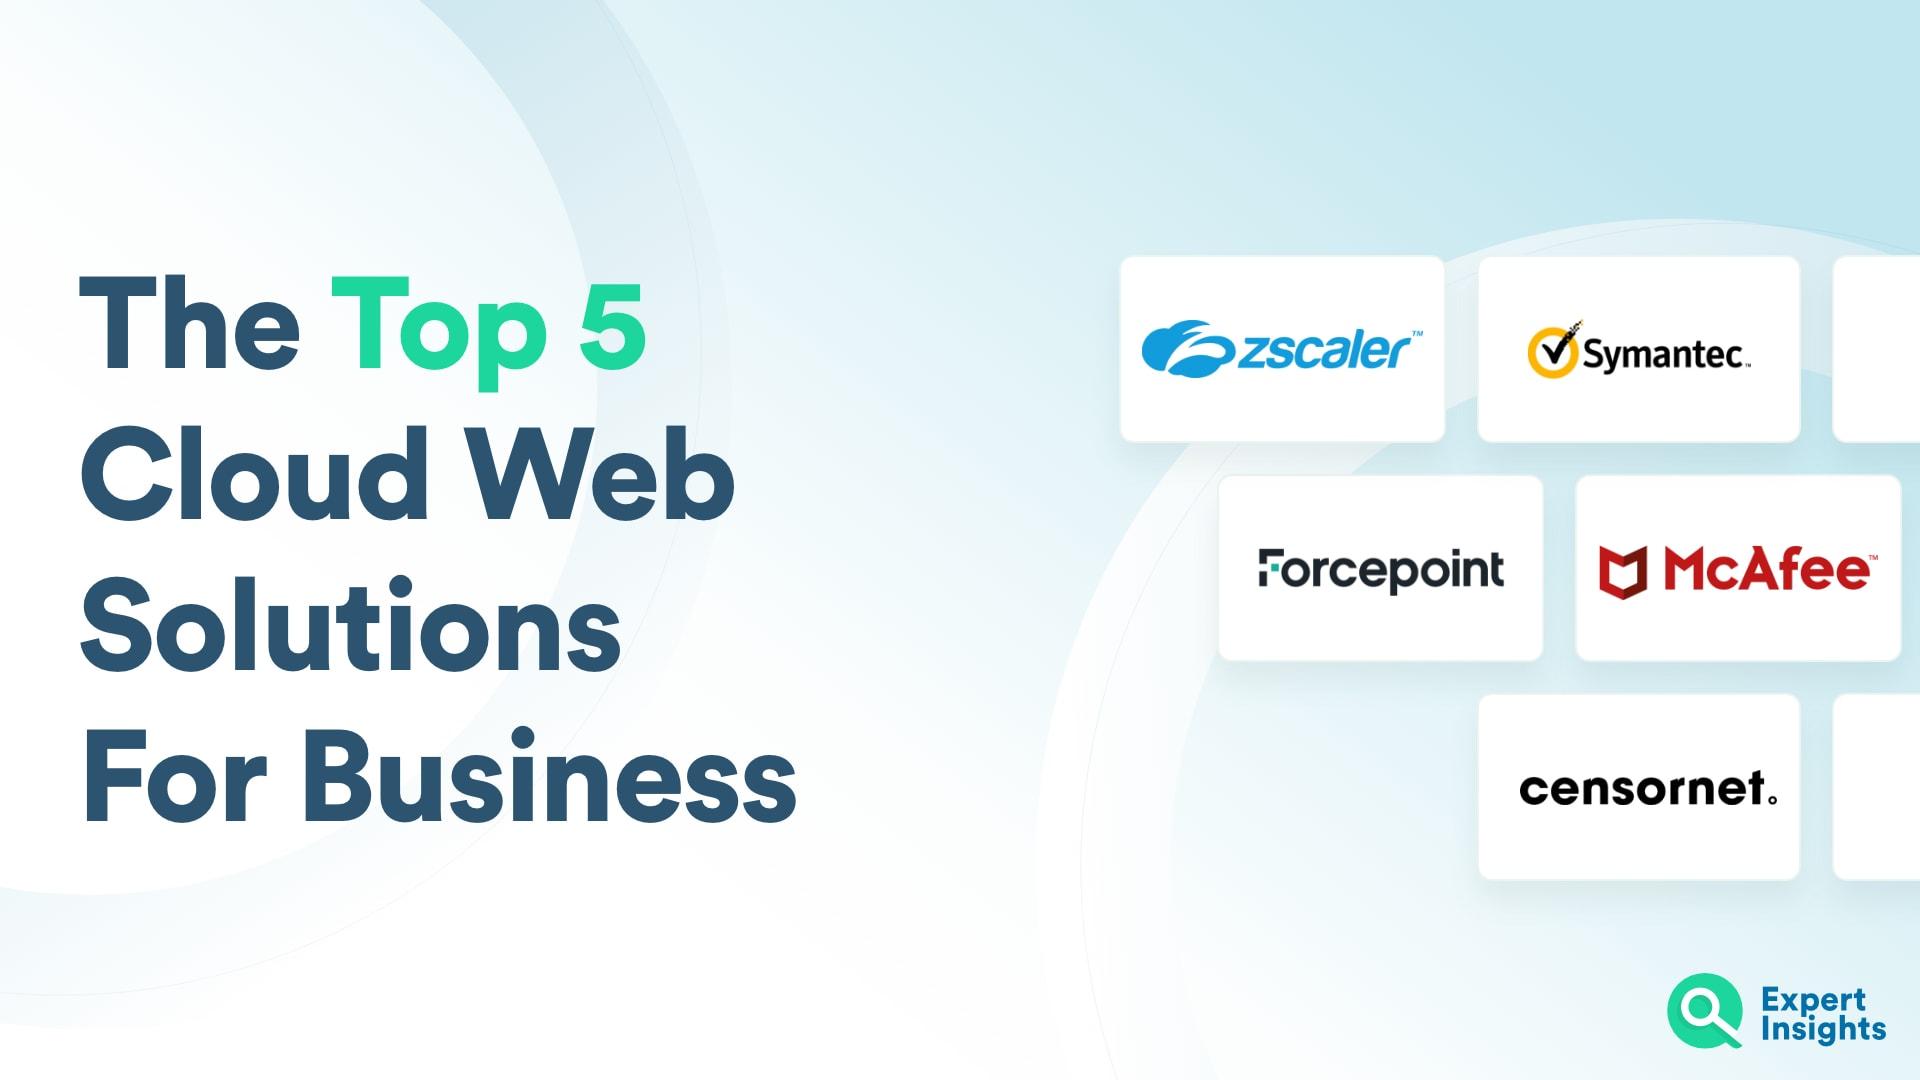 The Top 5 Cloud Web Gateways